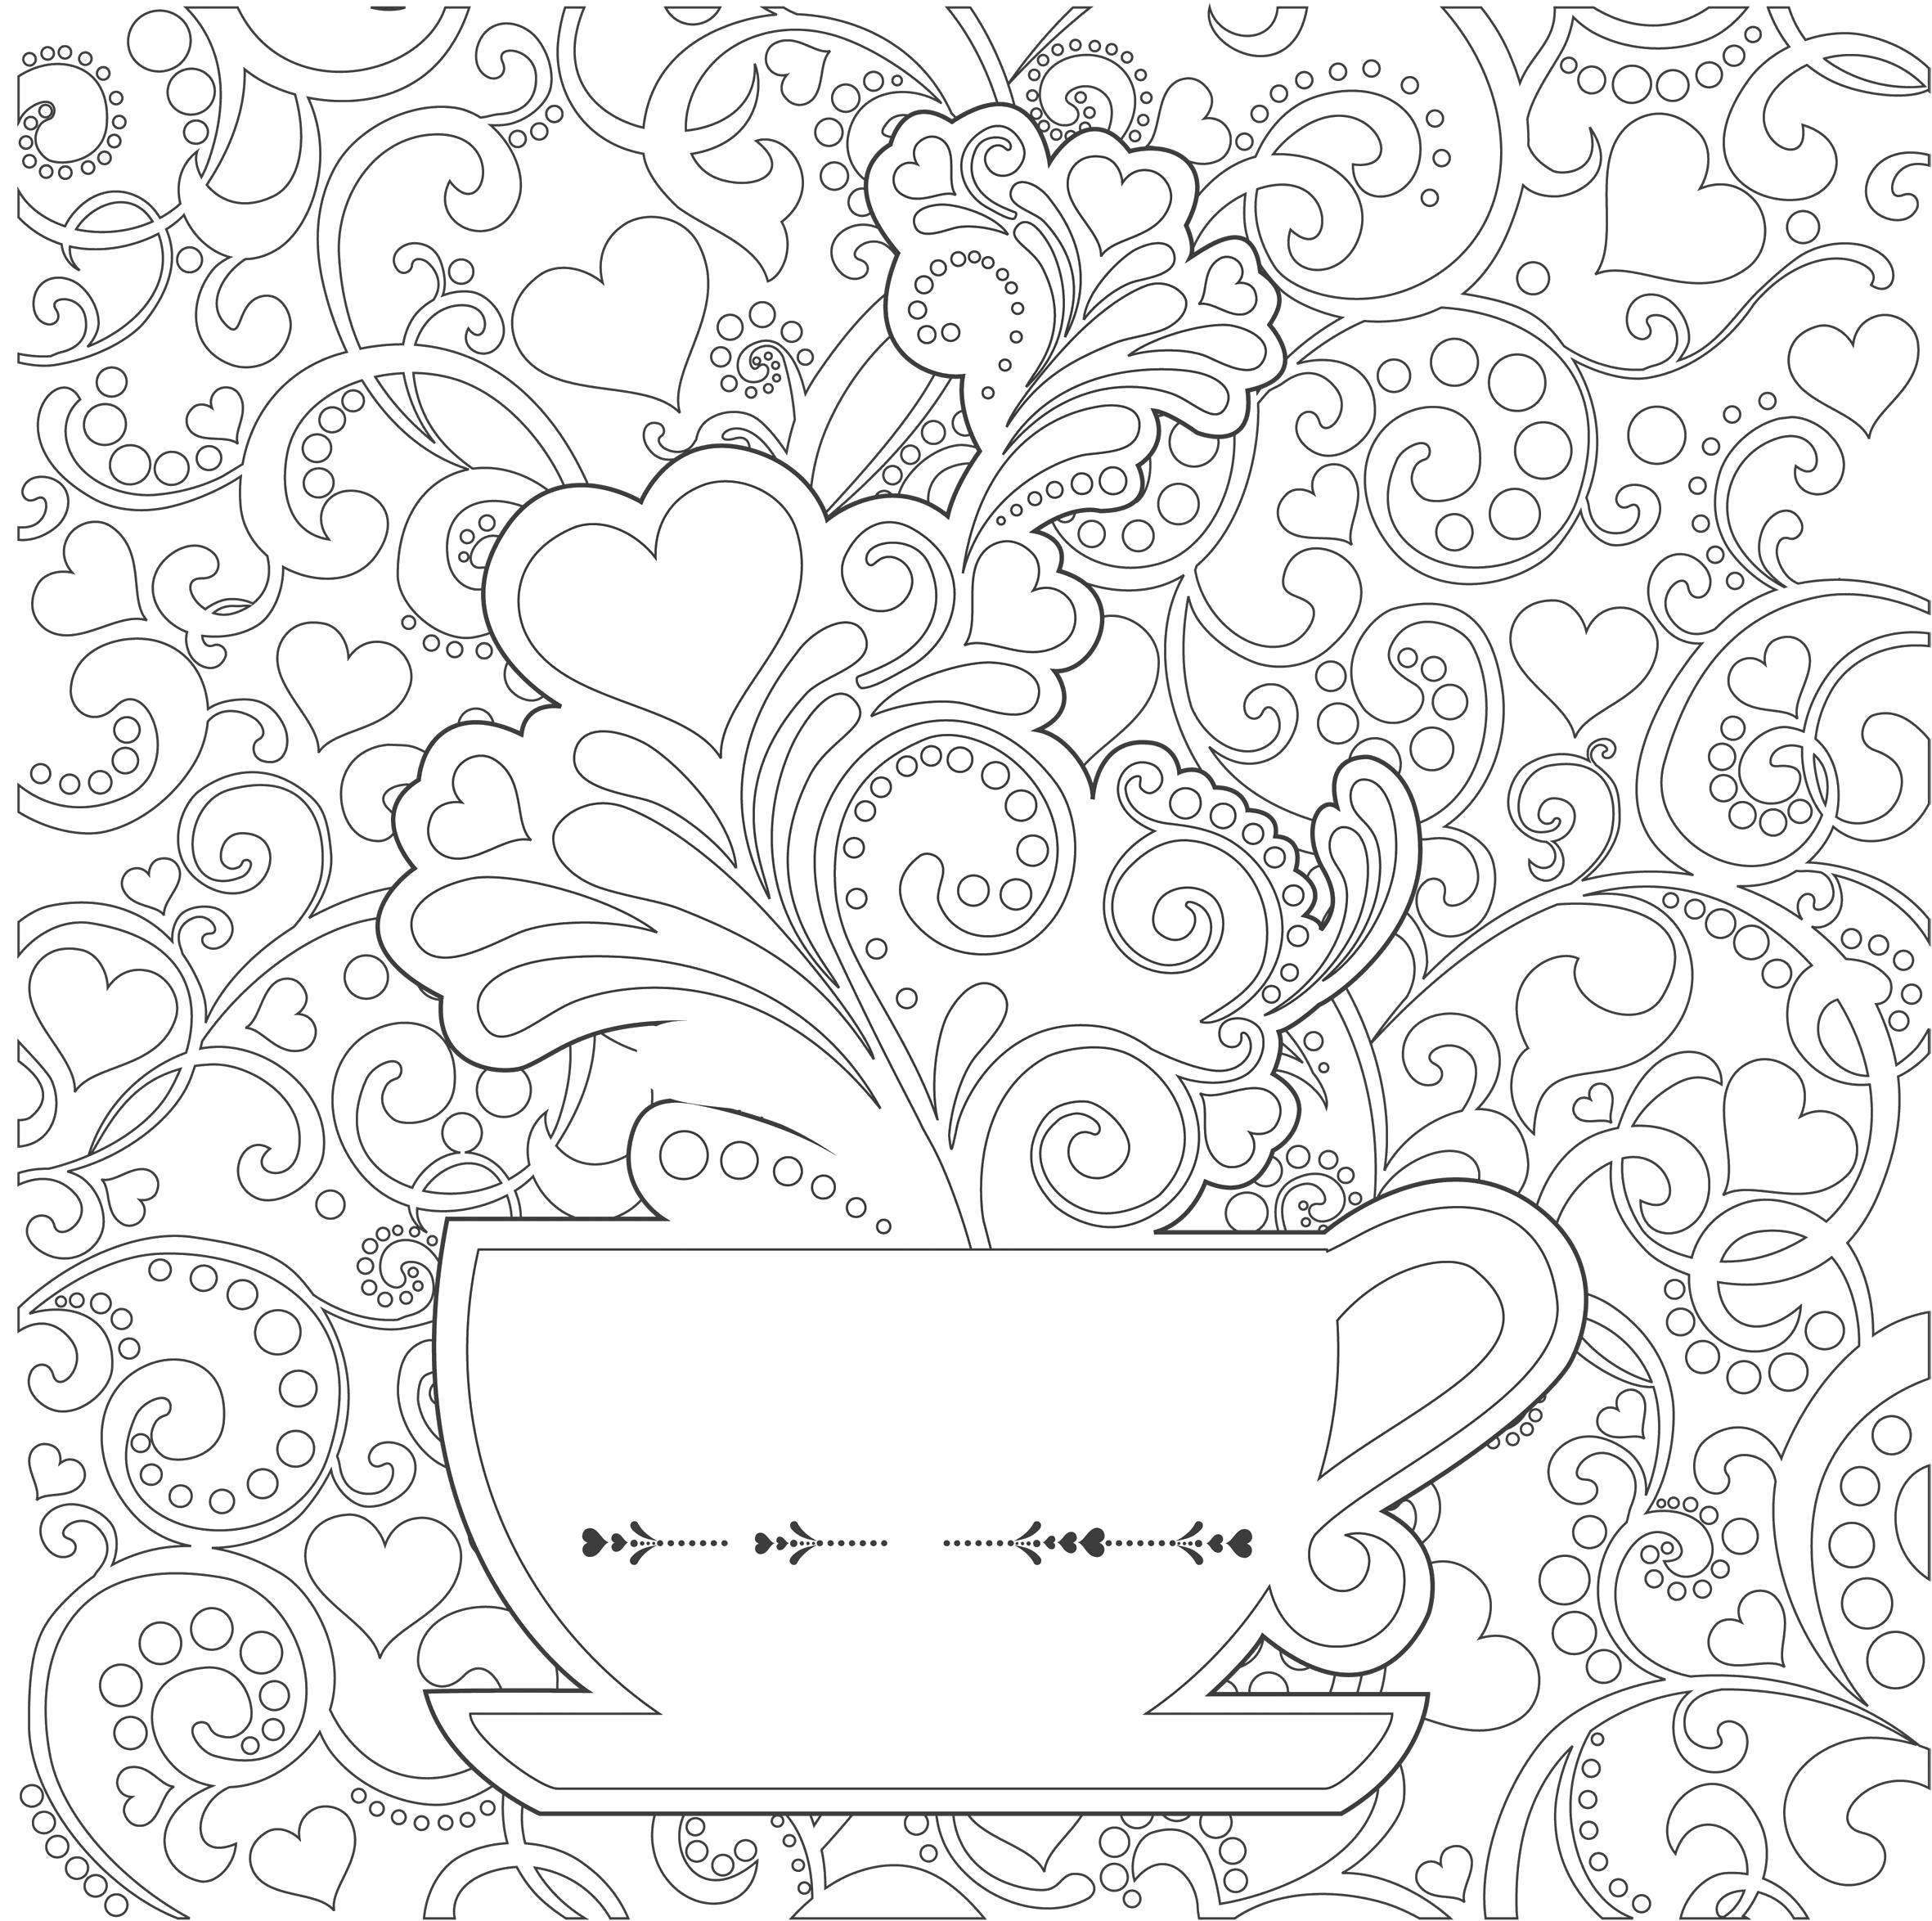 Раскраска Антистресс чашка кофе. Скачать узоры.  Распечатать антистресс